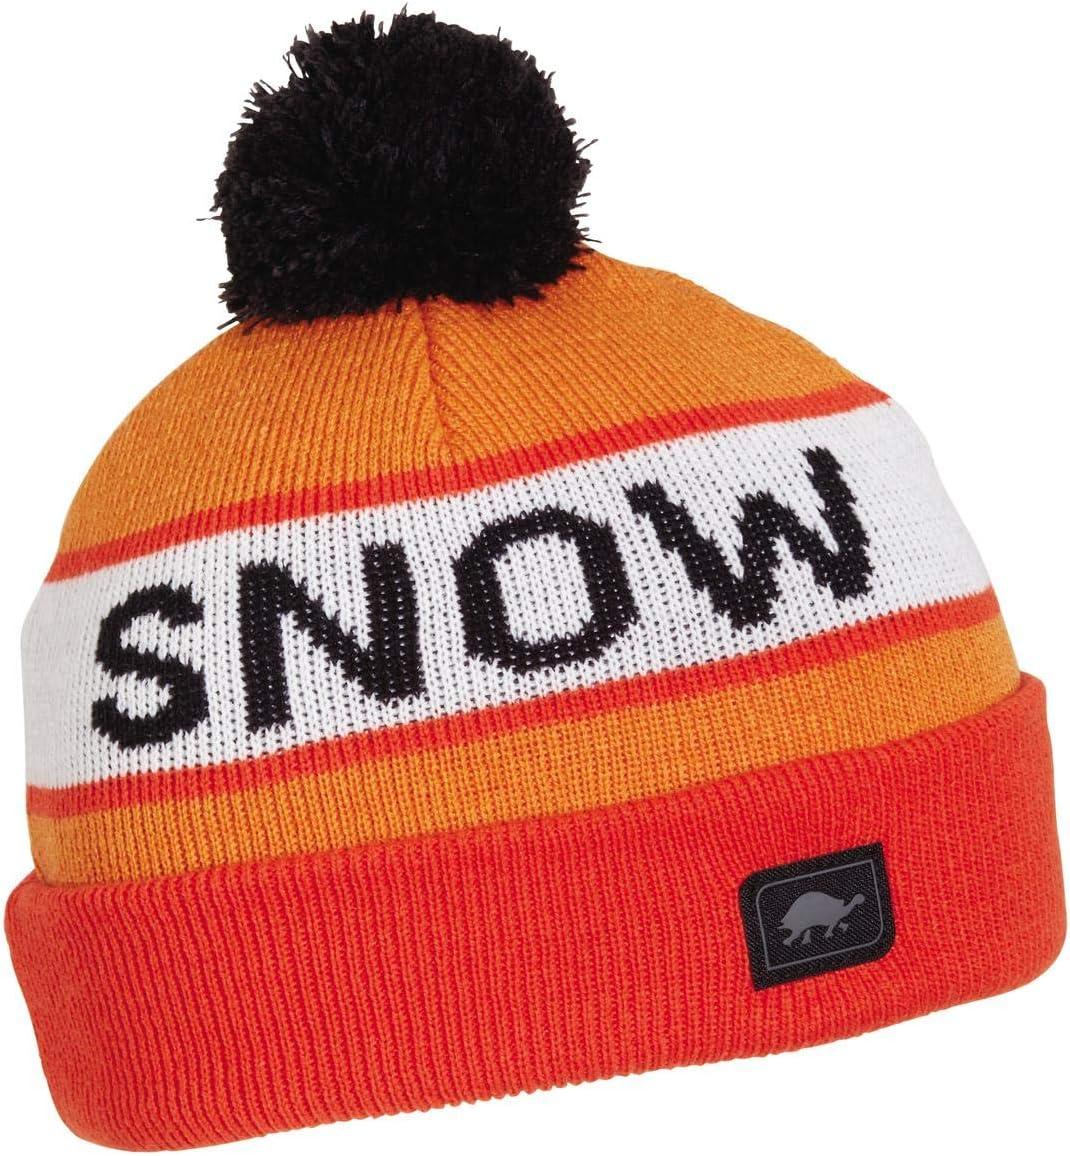 Turtle Fur Kids Think Snow Knit Pom Beanie